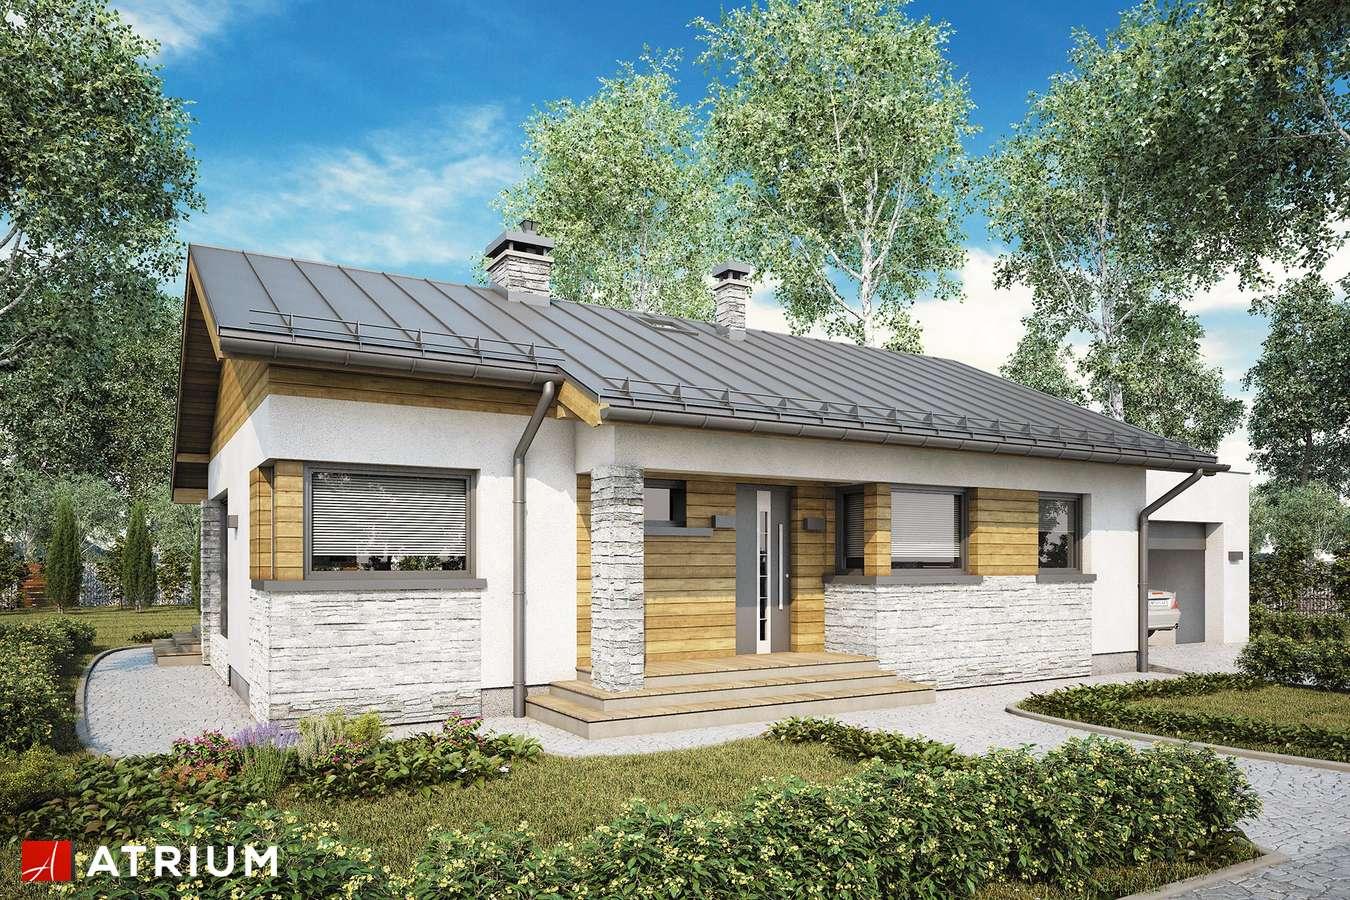 Projekty domów - Projekt domu parterowego ROBERTO III SZ - wizualizacja 1 - wersja lustrzana